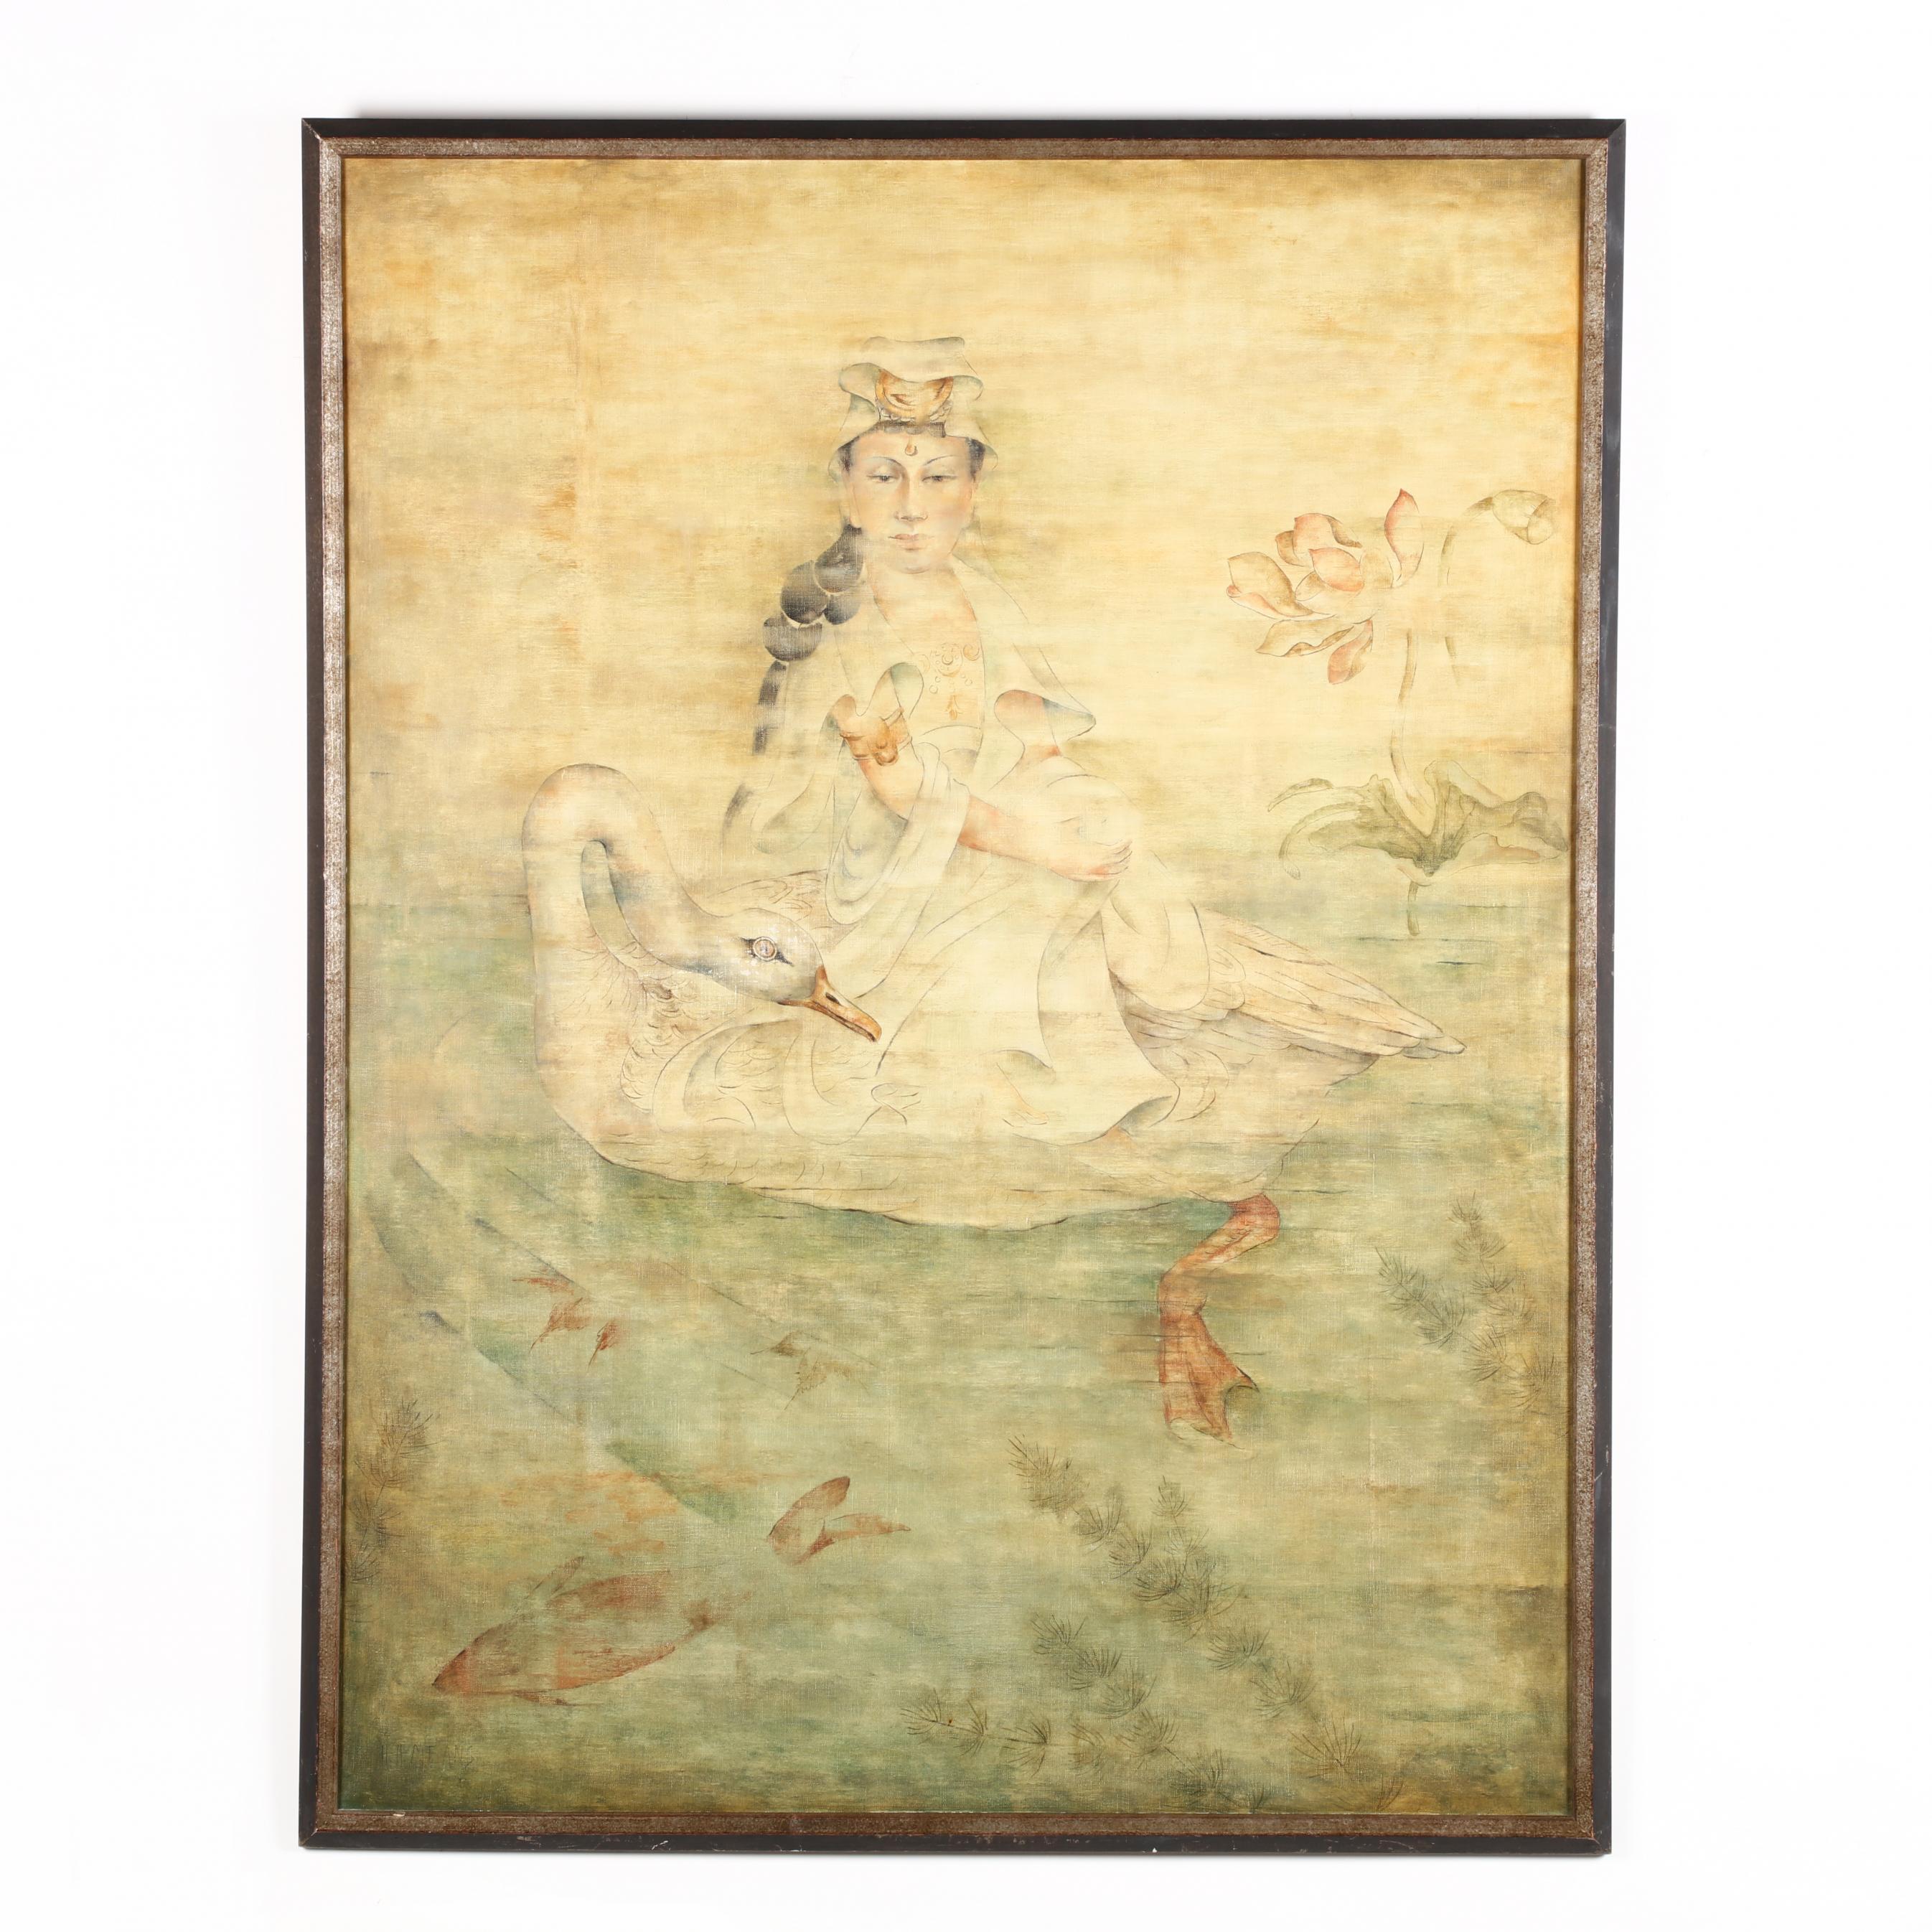 helen-hatch-means-al-ga-1933-2014-i-chinese-swan-i